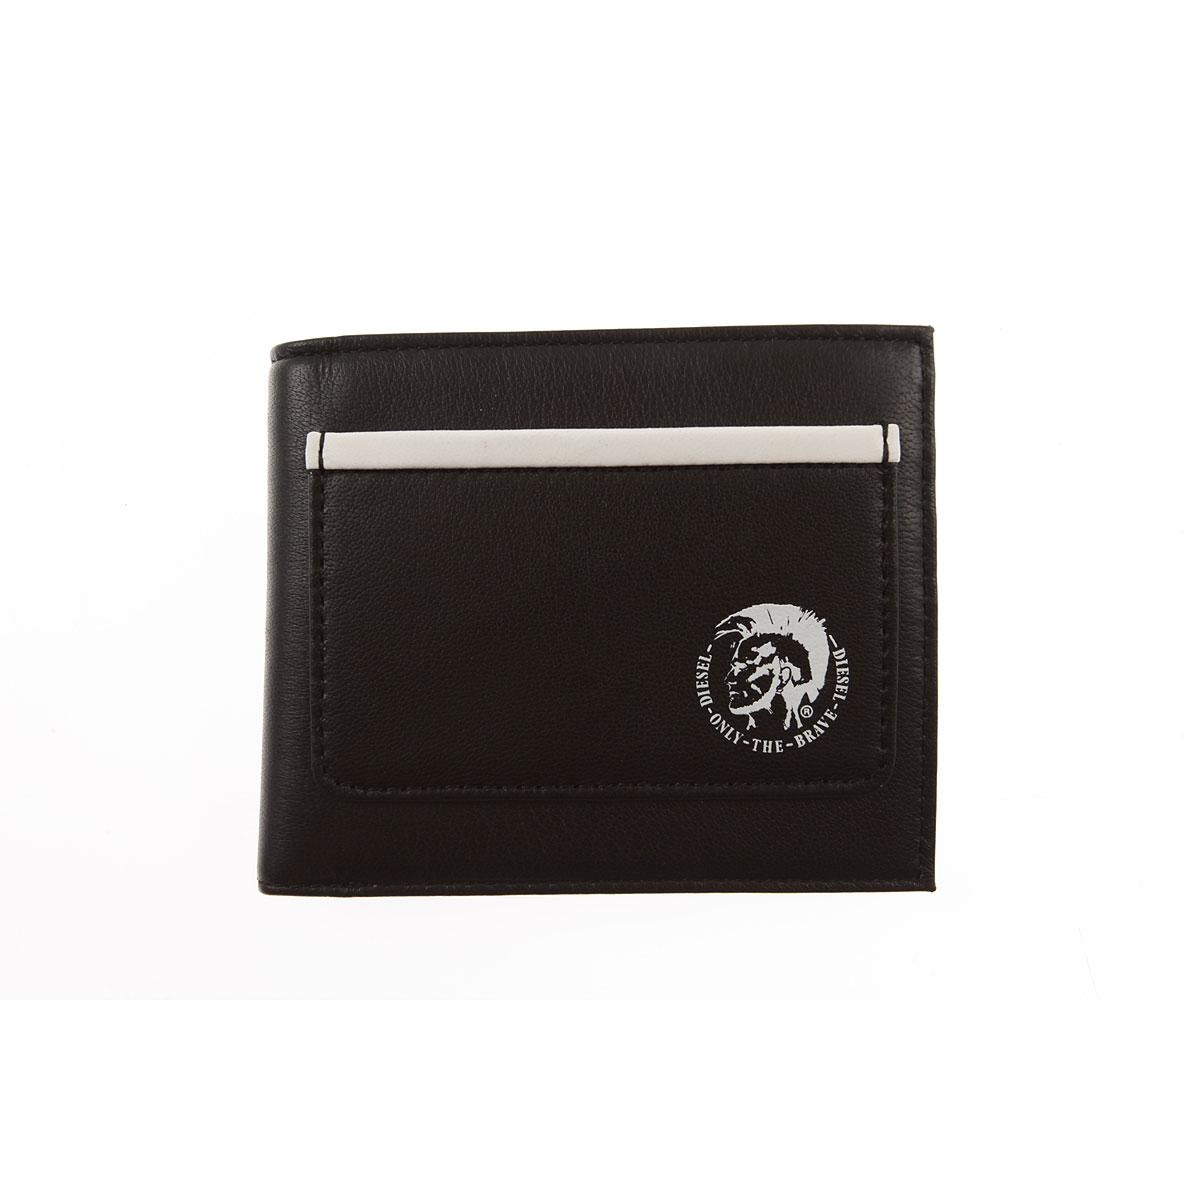 Nouveau Diesel Porte-monnaie Homme Pas cher en Soldes, Noir, Cuir, 2017 63f397a144d